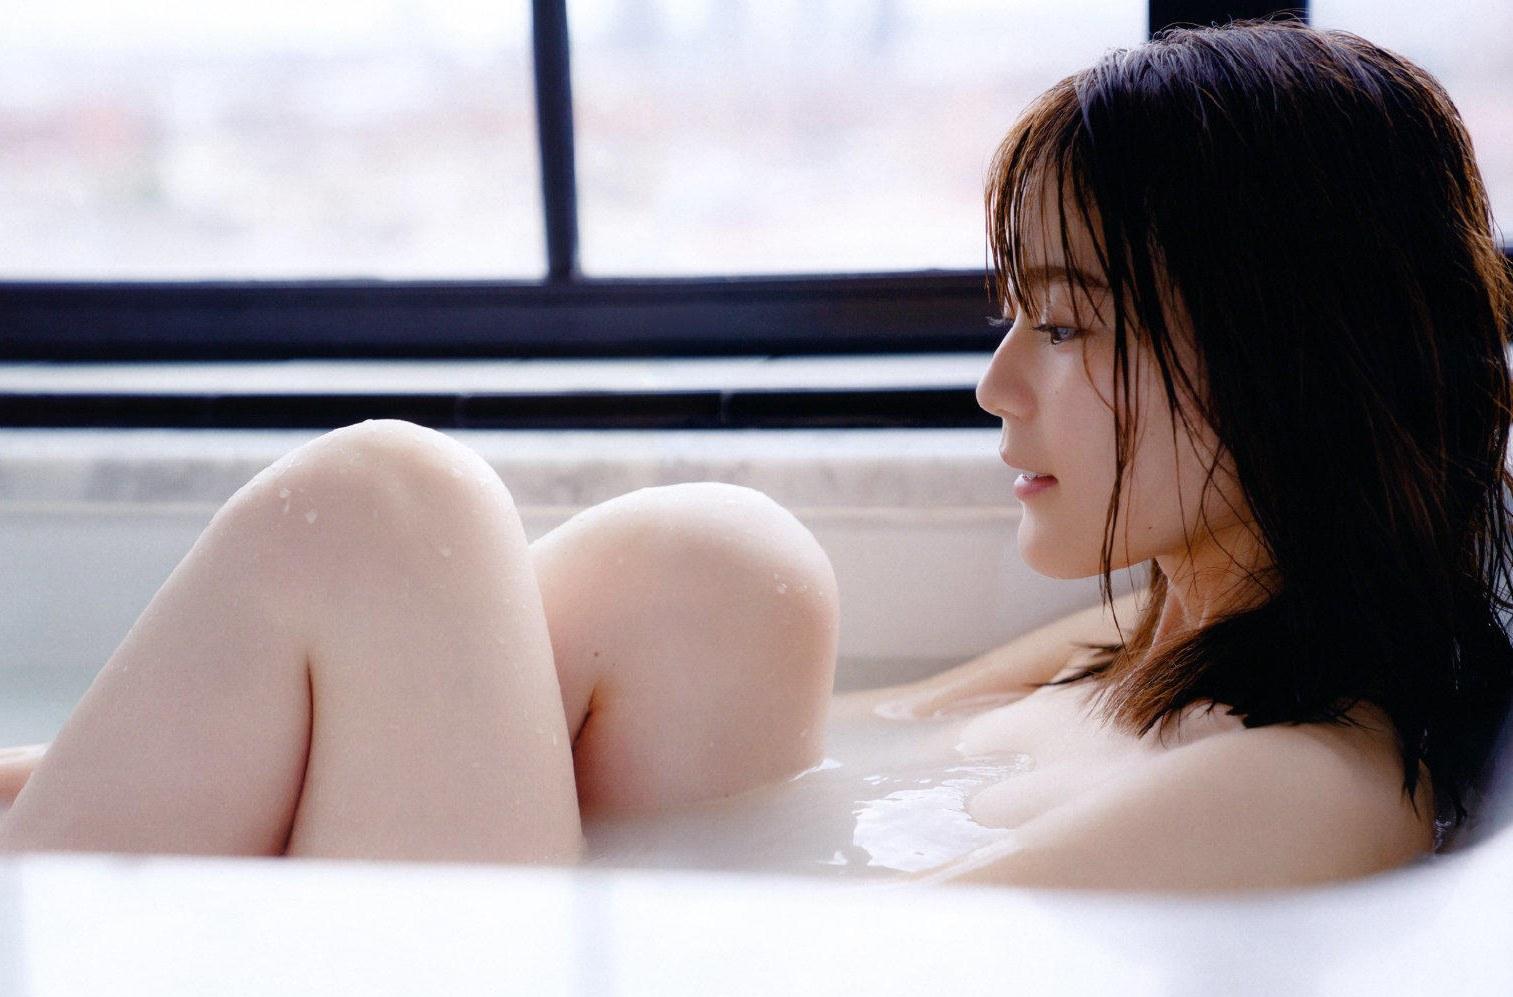 「寫真集女王」生田繪梨花現年22歲。